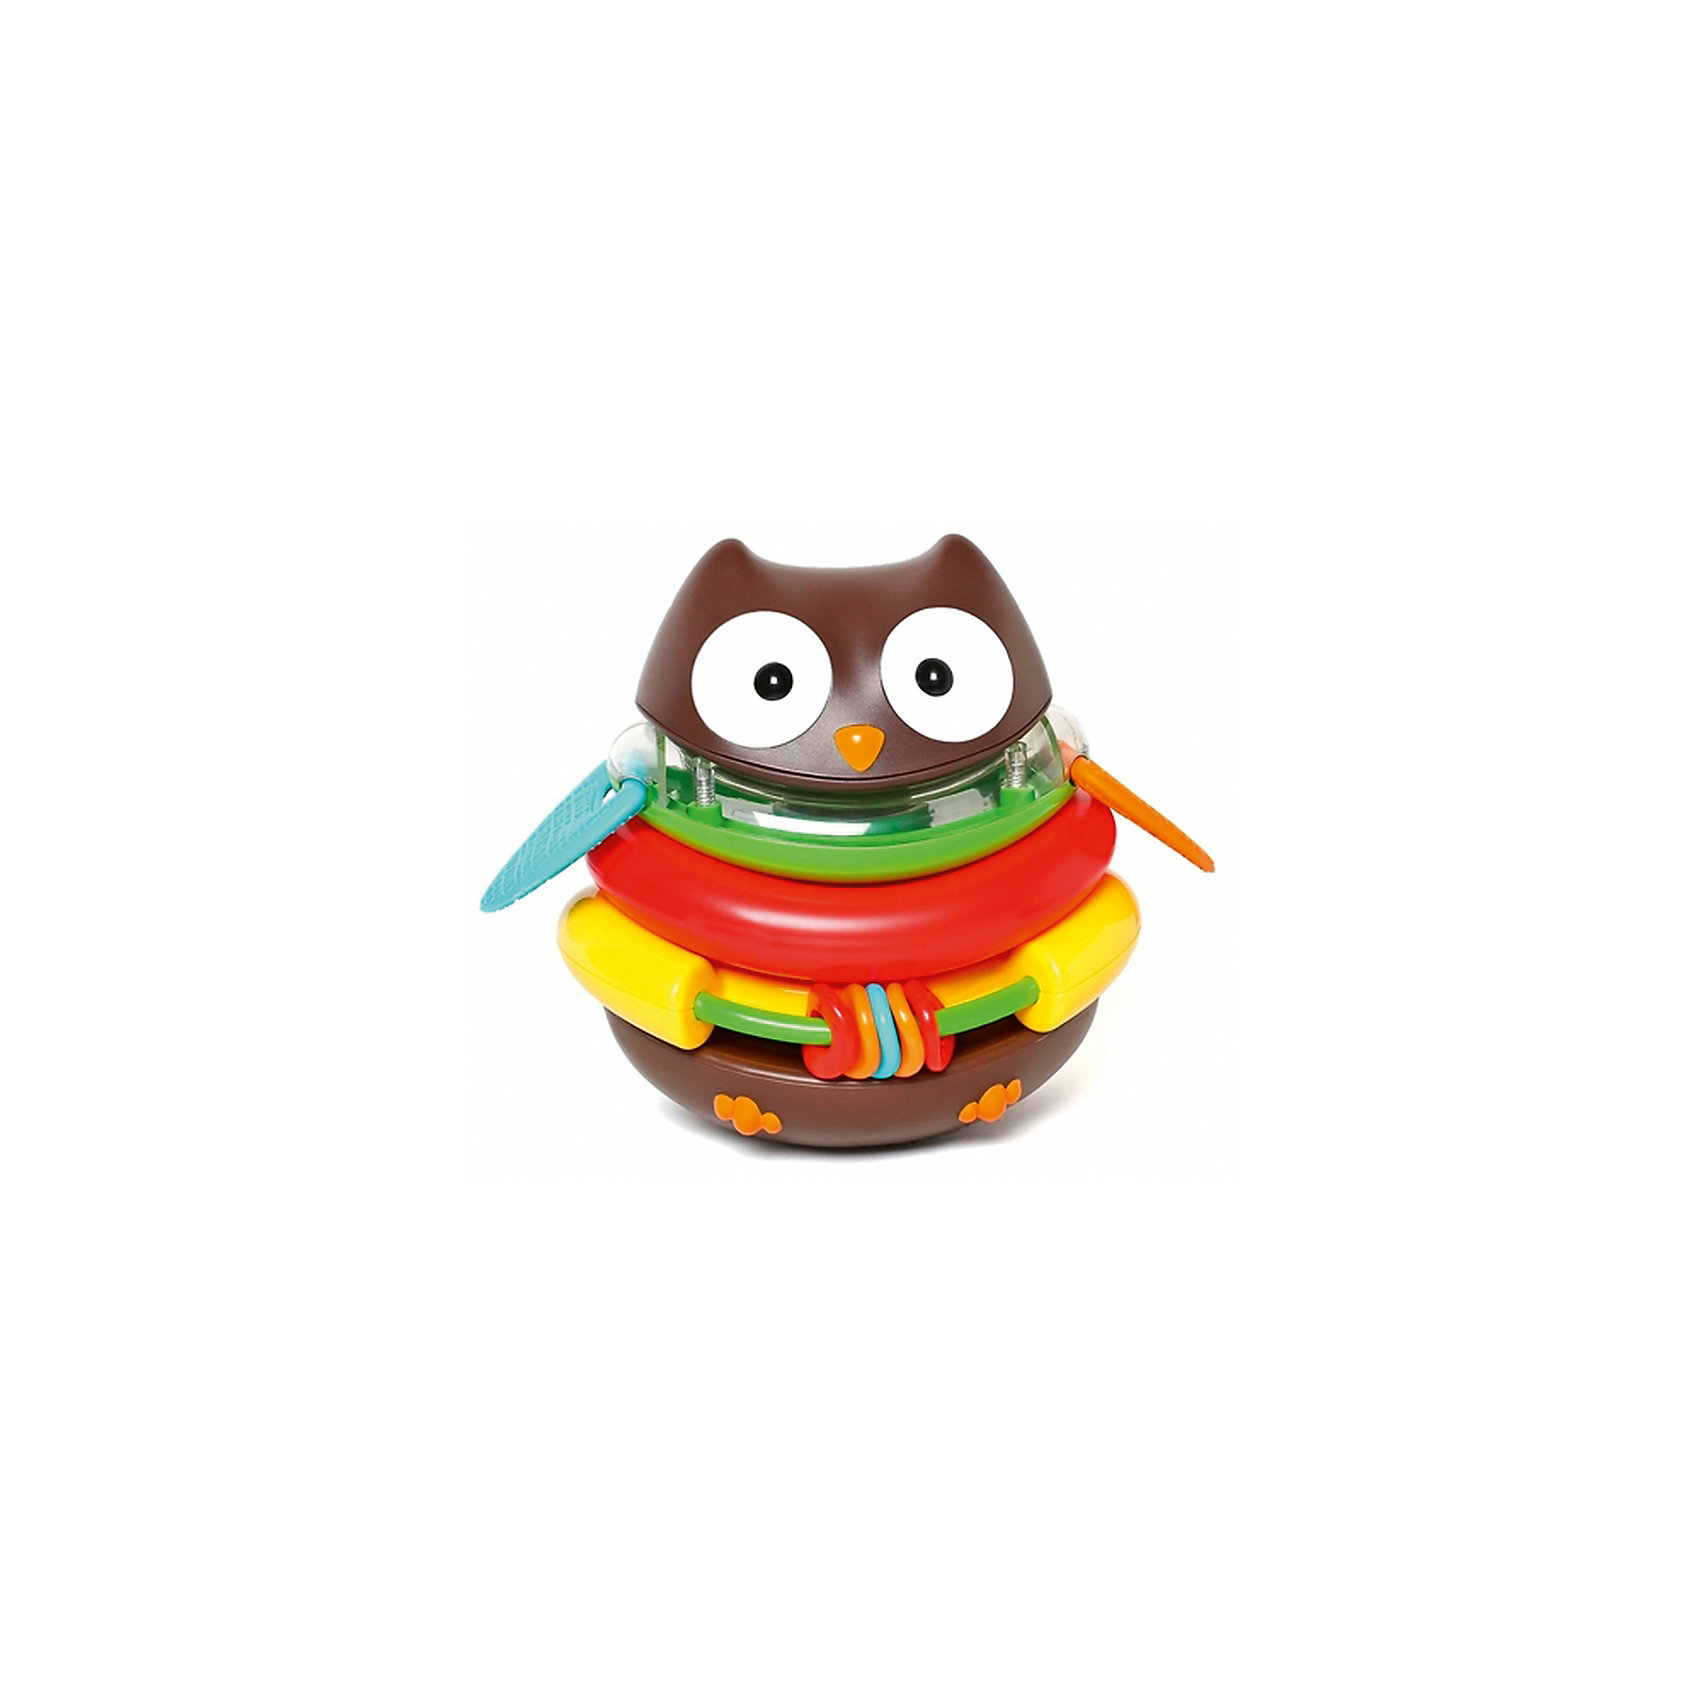 Развивающая пирамида-неваляшка Сова, Skip HopРазвивающие игрушки<br>Характеристики товара:<br><br>• возраст от 6 месяцев;<br>• материал: пластик;<br>• размер игрушки 15х18х14 см;<br>• размер упаковки 23х17х15 см;<br>• вес упаковки 663 гр.;<br>• страна производитель: Китай.<br><br>Развивающая пирамидка-неваляшка «Сова» Skip Hop в виде совенка в глазками — удивительная развивающая игрушка для малышей с множеством возможностей. Она состоит из 5 колец, которые вместе собираются в пирамидку. Желтое кольцо выполняет роль погремушки с нанизанными фигурками. На зеленом кольце расположены резиновые крылышки, которые малыш сможет грызть во время прорезывания зубов. Голова может служить игрушкой-неваляшкой или погремушкой. Играя с игрушкой, у малыша развиваются тактильные ощущения, мелкая моторика рук, цветовое восприятие, логическое мышление. Игрушка изготовлена из качественного безвредного пластика.<br><br>Развивающую пирамидку-неваляшку «Сова» Skip Hop можно приобрести в нашем интернет-магазине.<br><br>Ширина мм: 170<br>Глубина мм: 150<br>Высота мм: 230<br>Вес г: 663<br>Возраст от месяцев: 24<br>Возраст до месяцев: 72<br>Пол: Унисекс<br>Возраст: Детский<br>SKU: 5608261